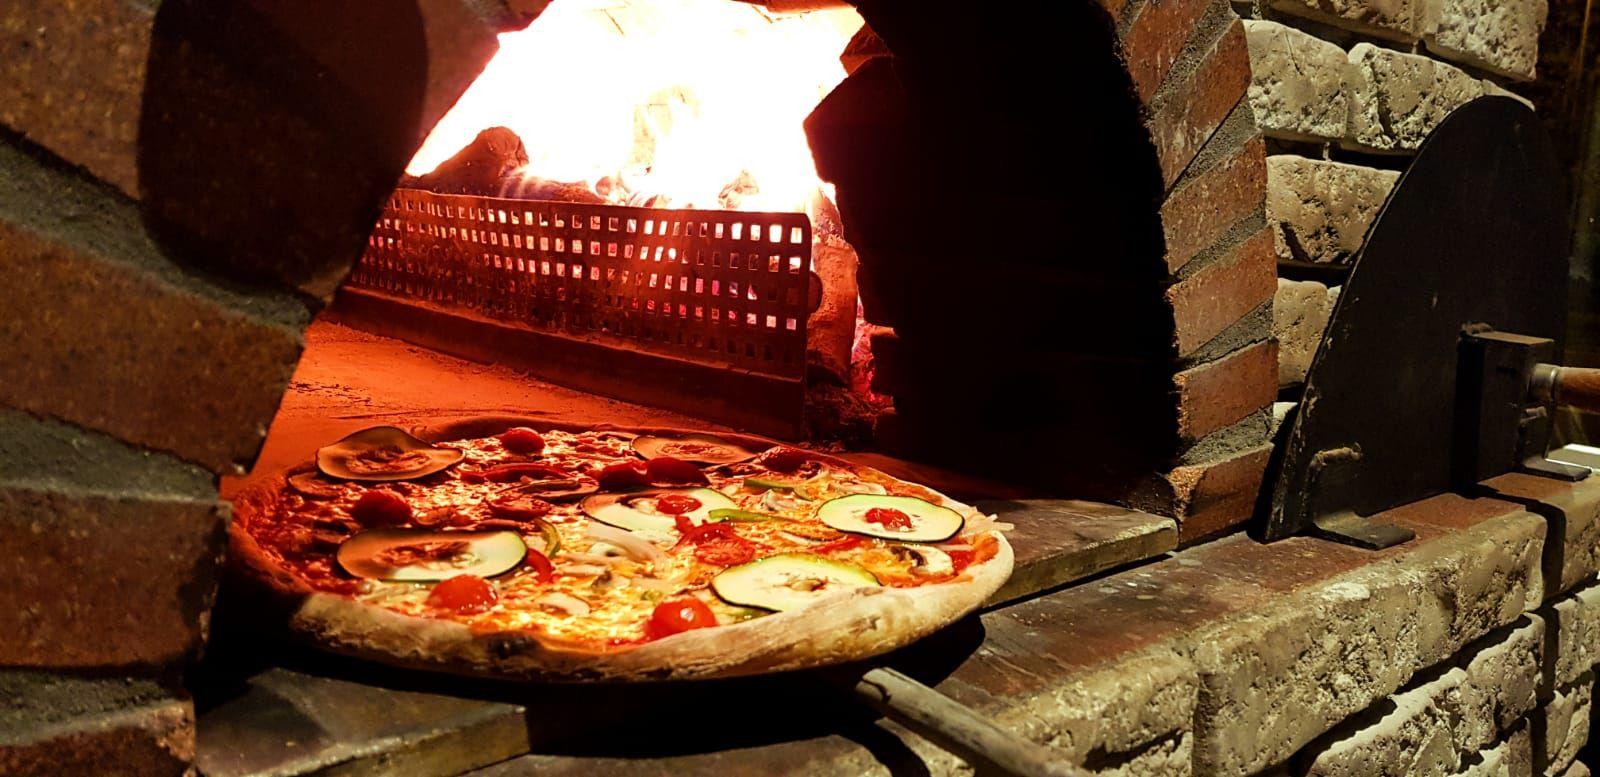 Pizza en horno de leña Barajas y Alameda de Osuna Madrid